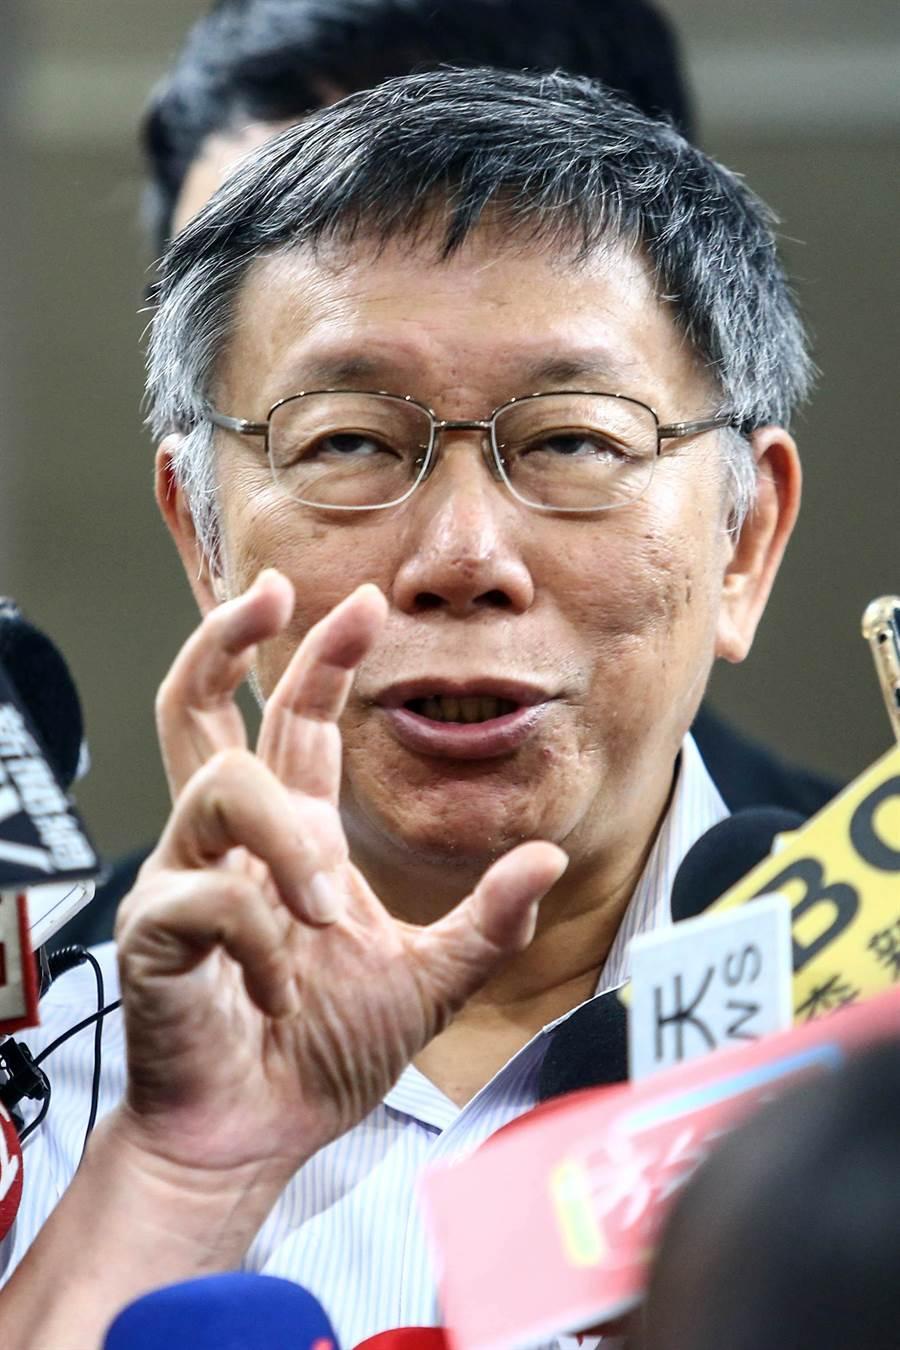 台北市長柯文哲成立台灣民眾黨,且允許黨員擁有雙重黨籍、不需講黨費。對此,民進黨主席卓榮泰說,既然開放雙重黨籍,歡迎柯文哲加入民進黨。不過,對於卓榮泰的「邀請」,柯文哲8日受訪時也不甘示弱反酸說,這就是卓榮泰沒有讀民進黨章。(鄧博仁攝)